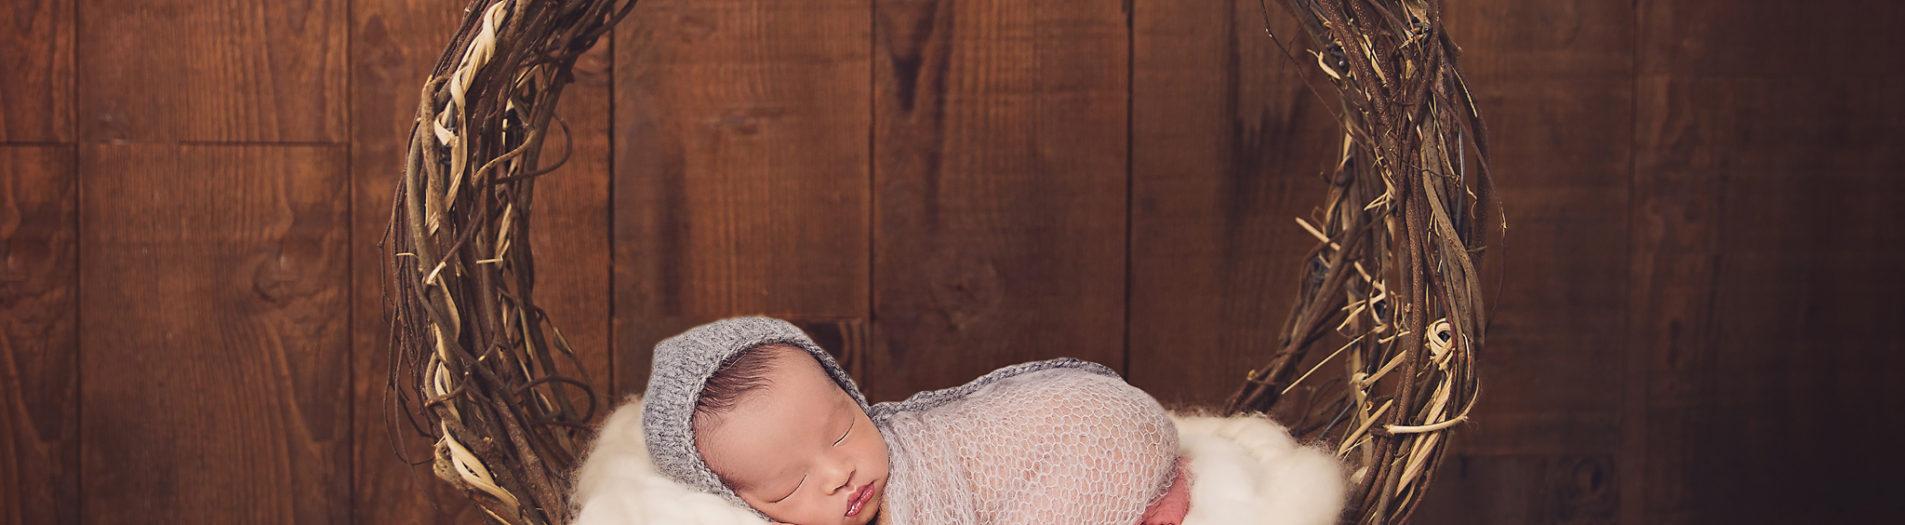 Sydney Newborn Photographer | Leroy